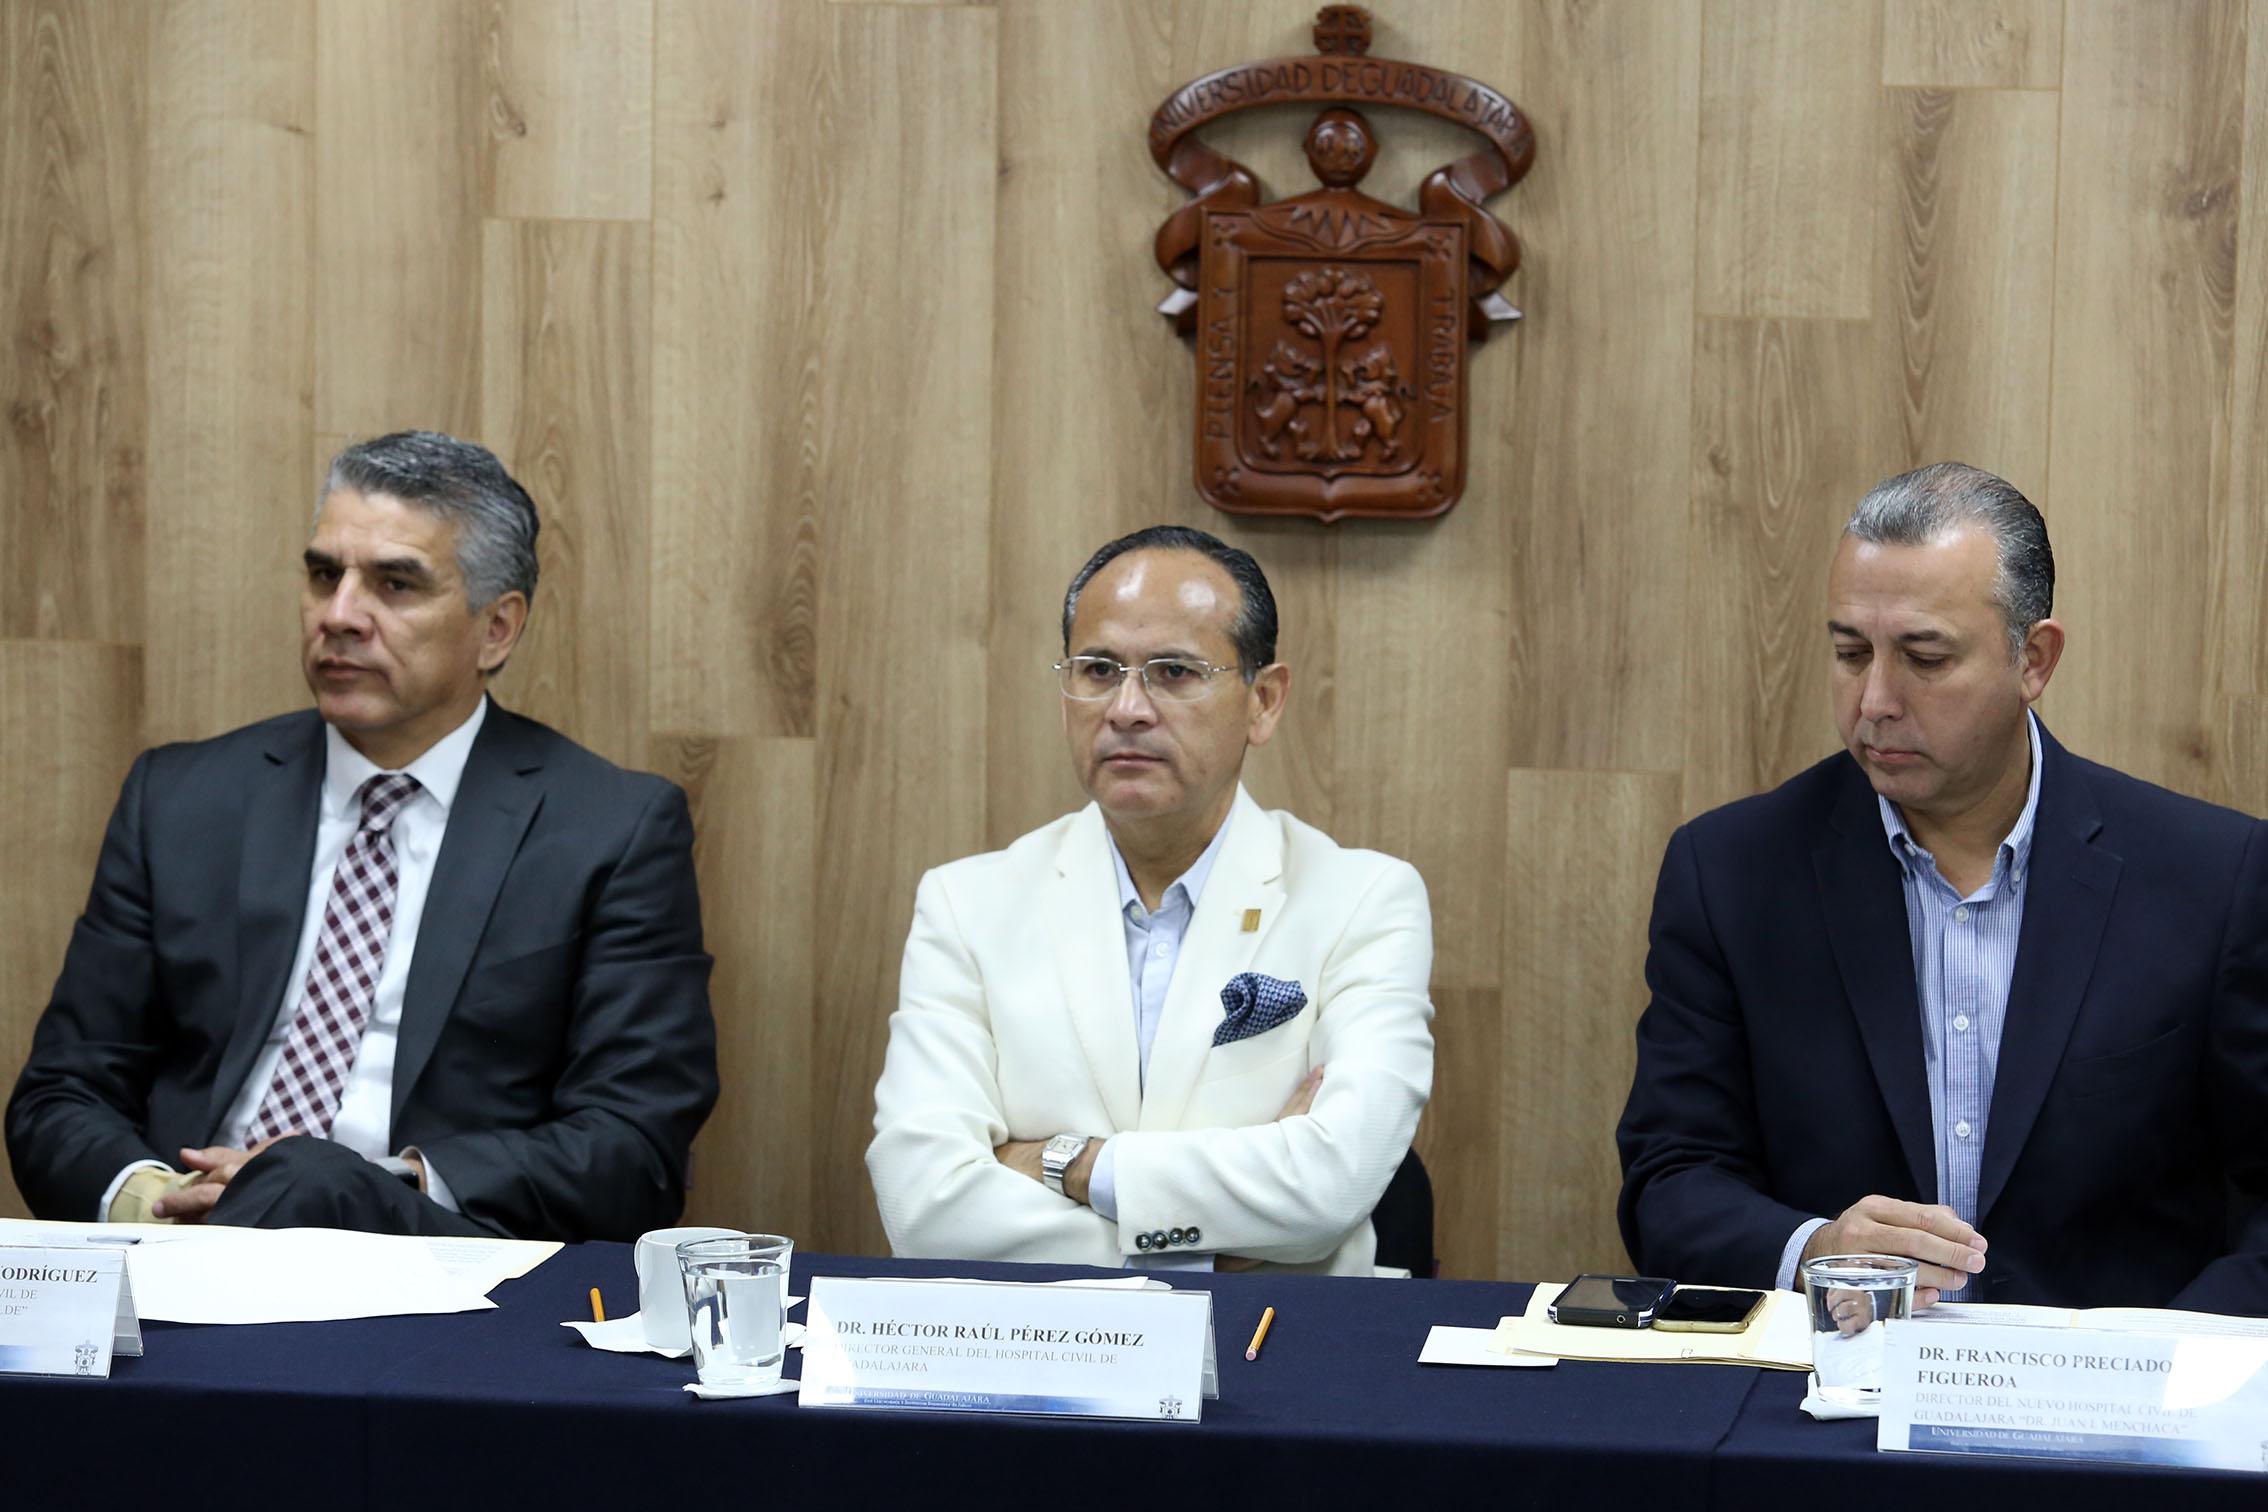 Tres autoridades del hospital civil de guadalajara en la mesa de presidium